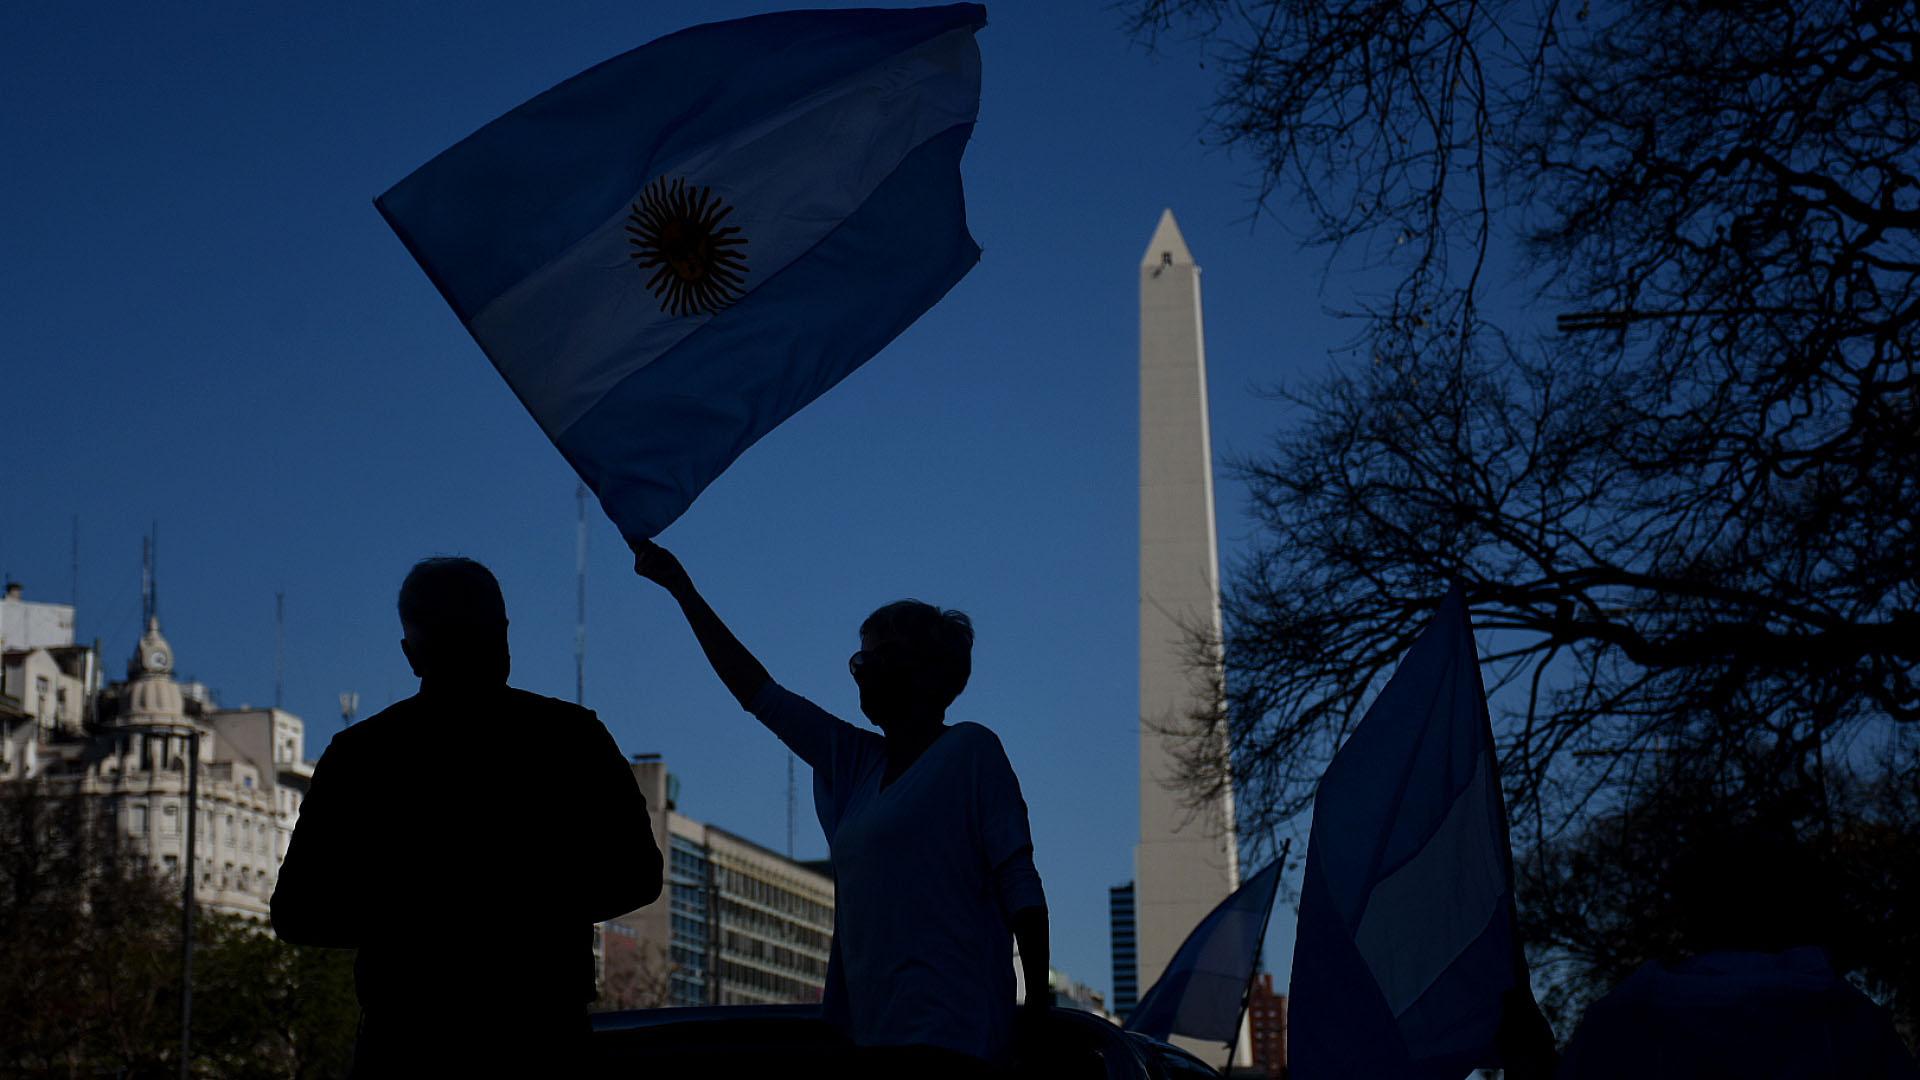 Los consignas criticaron la cuarentena, la reforma judicial, el desplazamiento de los tres jueces que investigaban a Cristina Kirchner